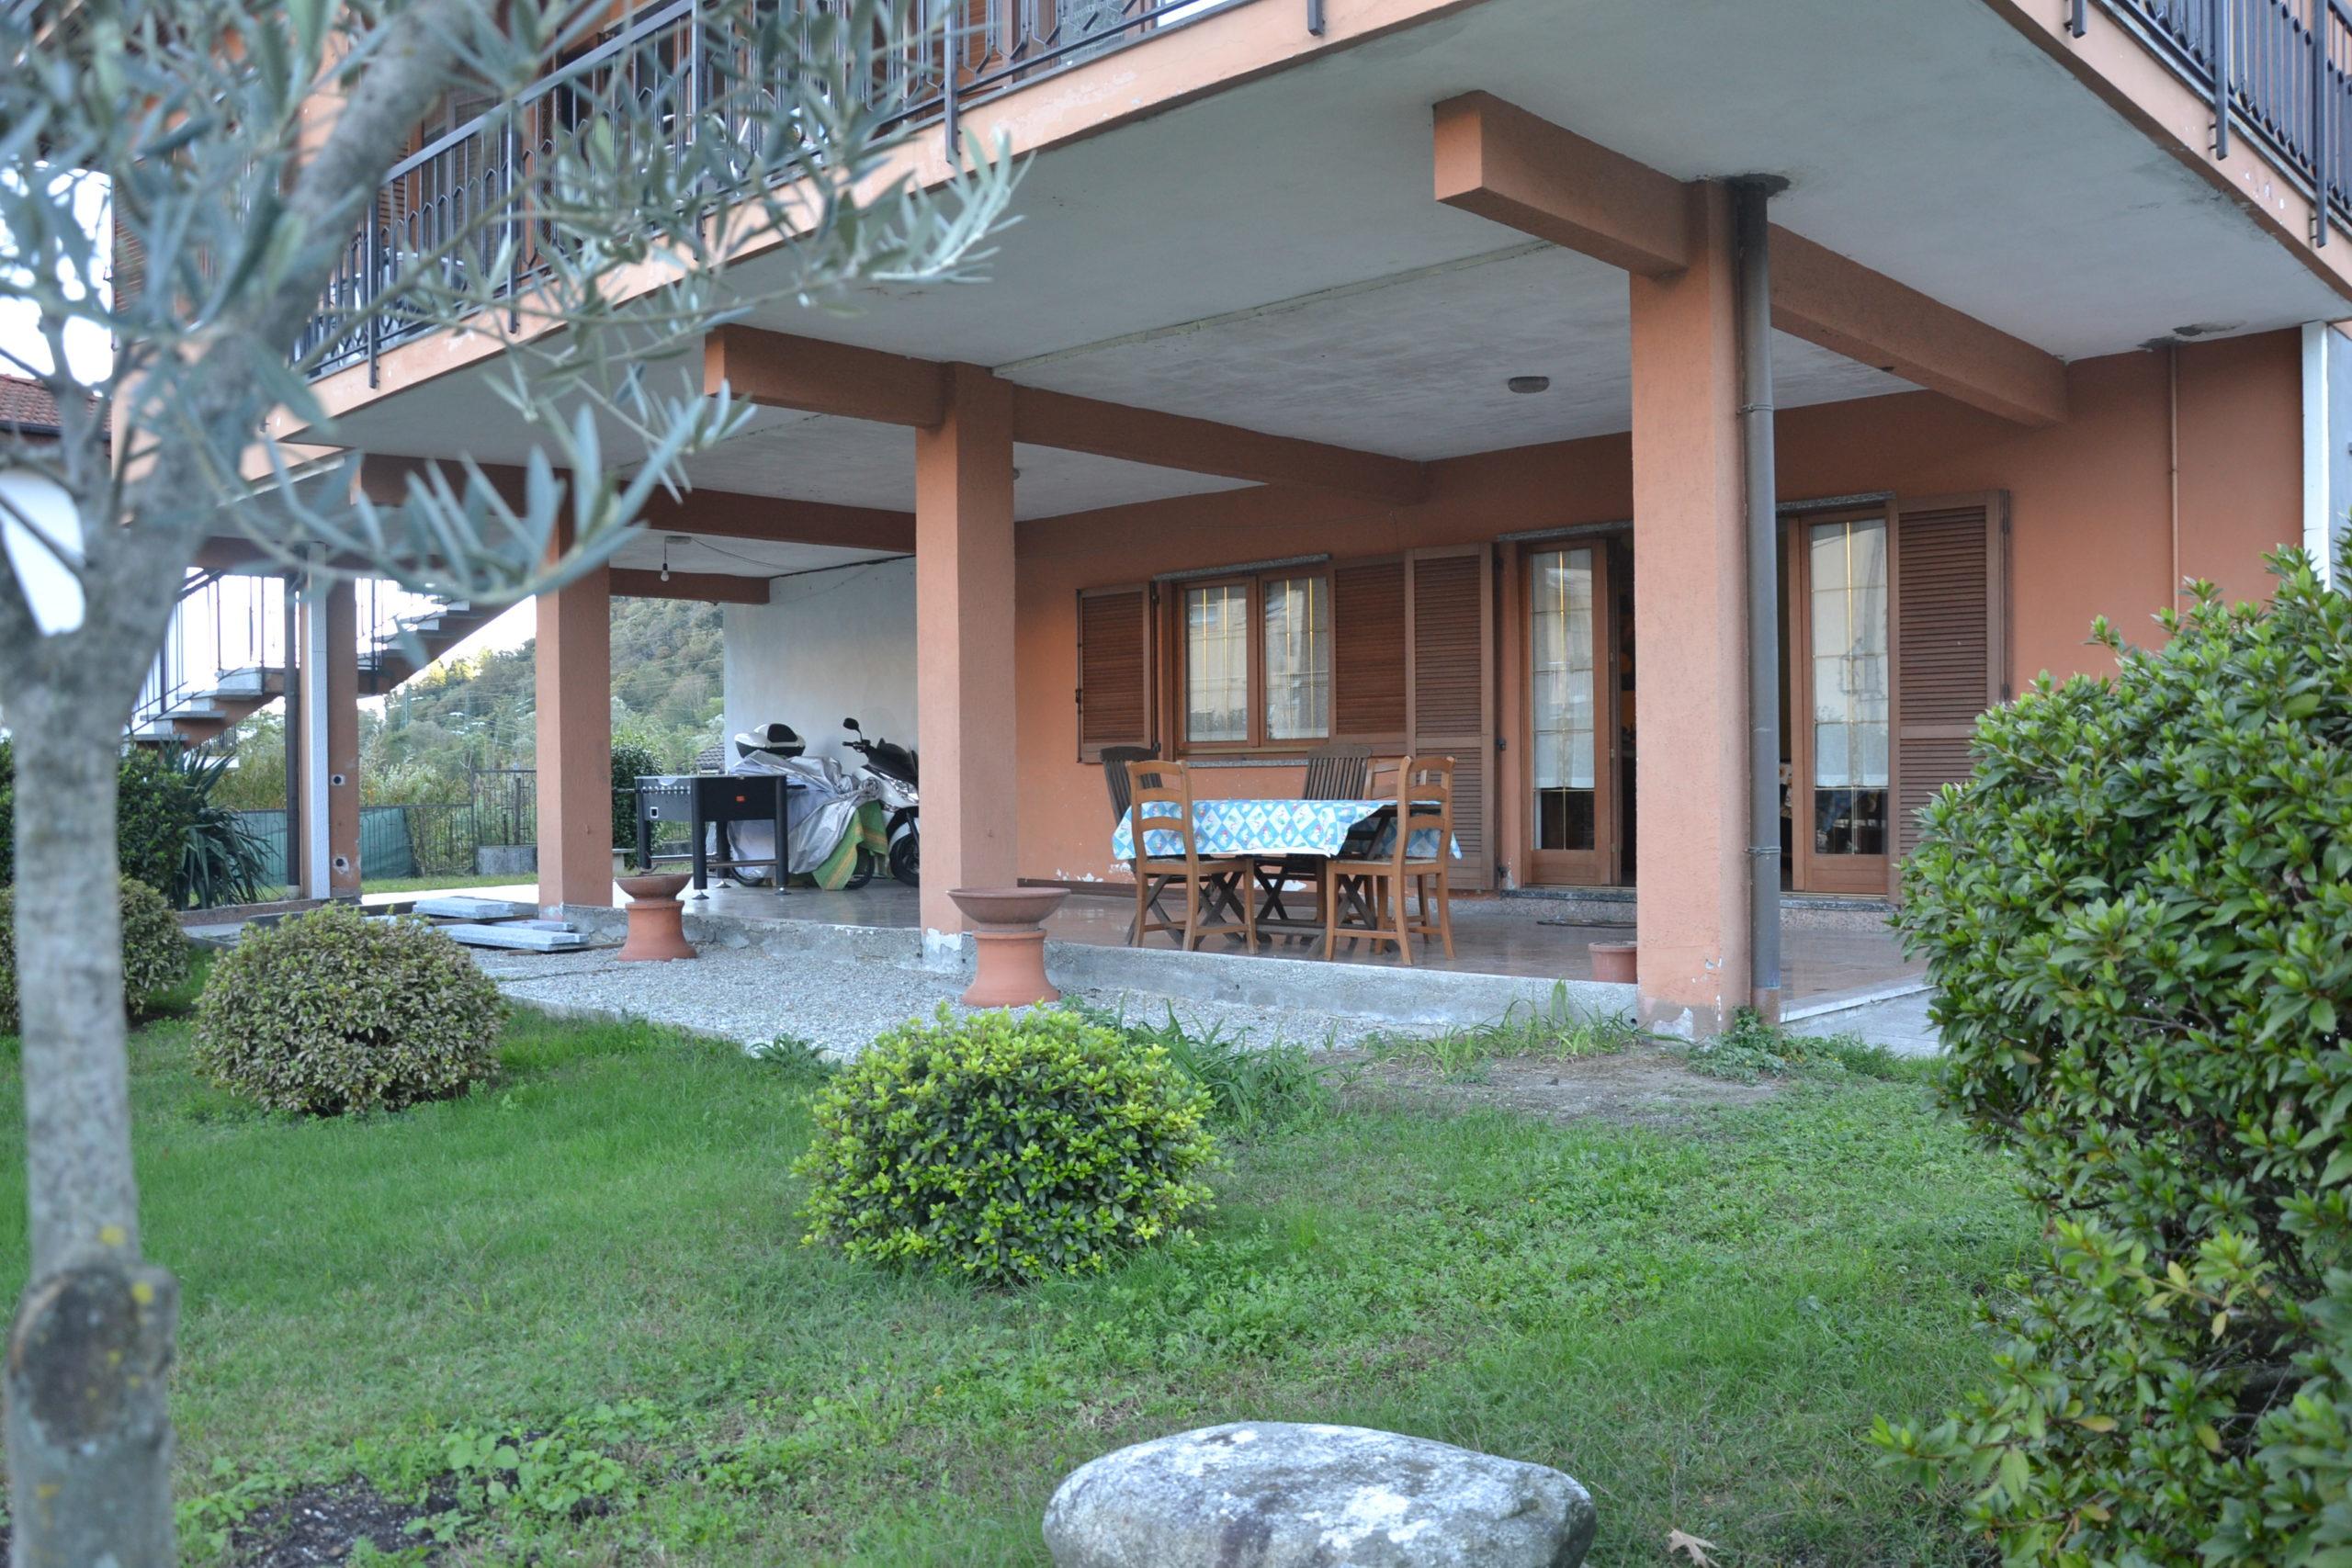 Quadrilocale con portico e giardino in bifamigliare